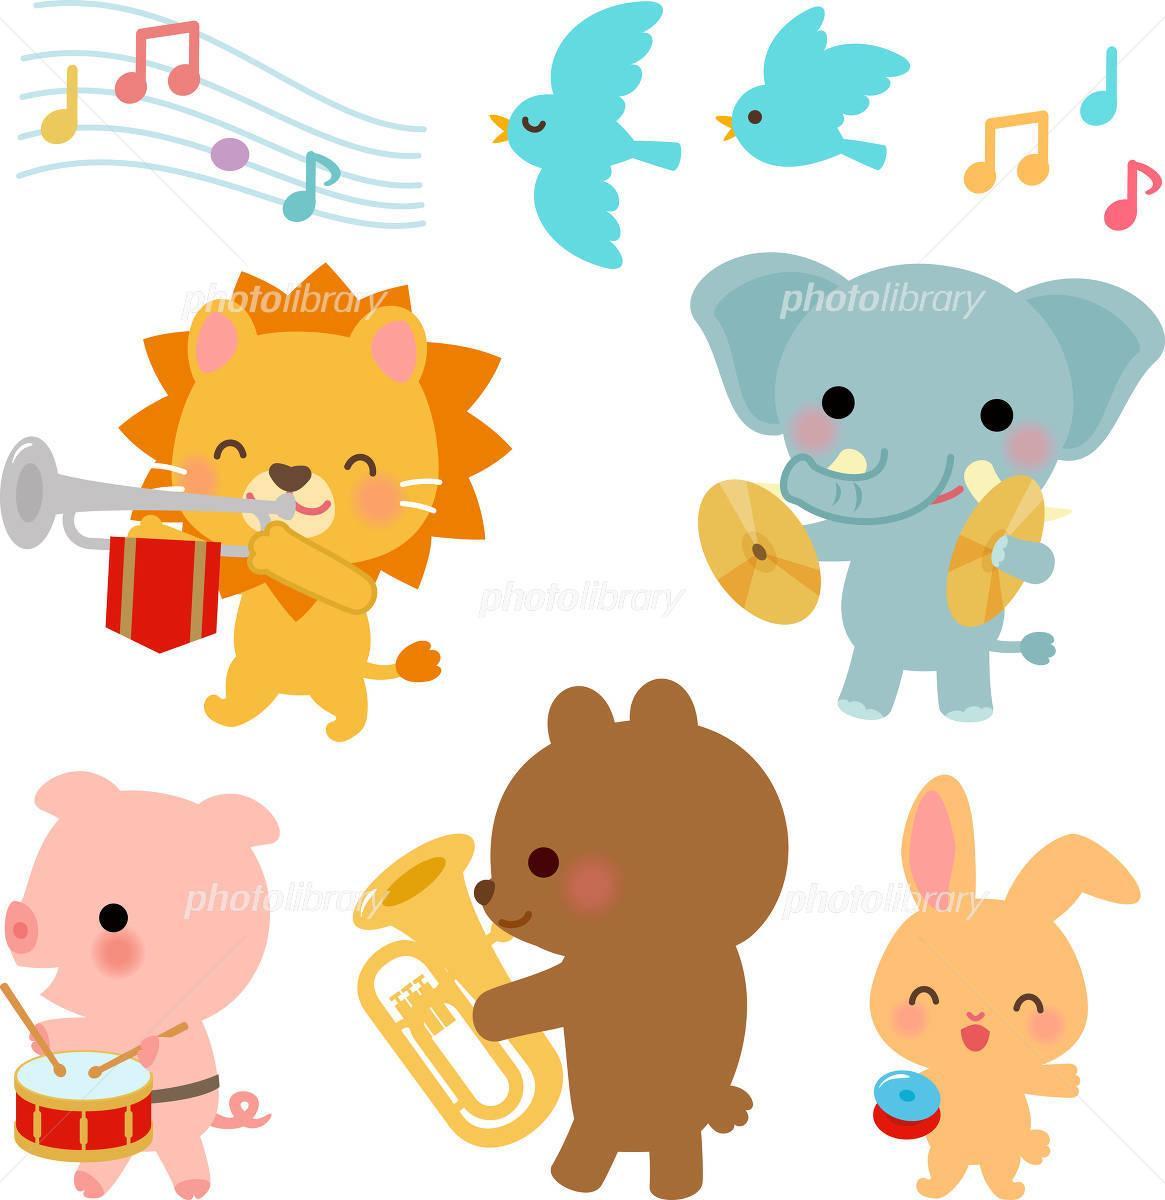 歌い手さんのミックスをします 歌と楽曲のミックスをやります!